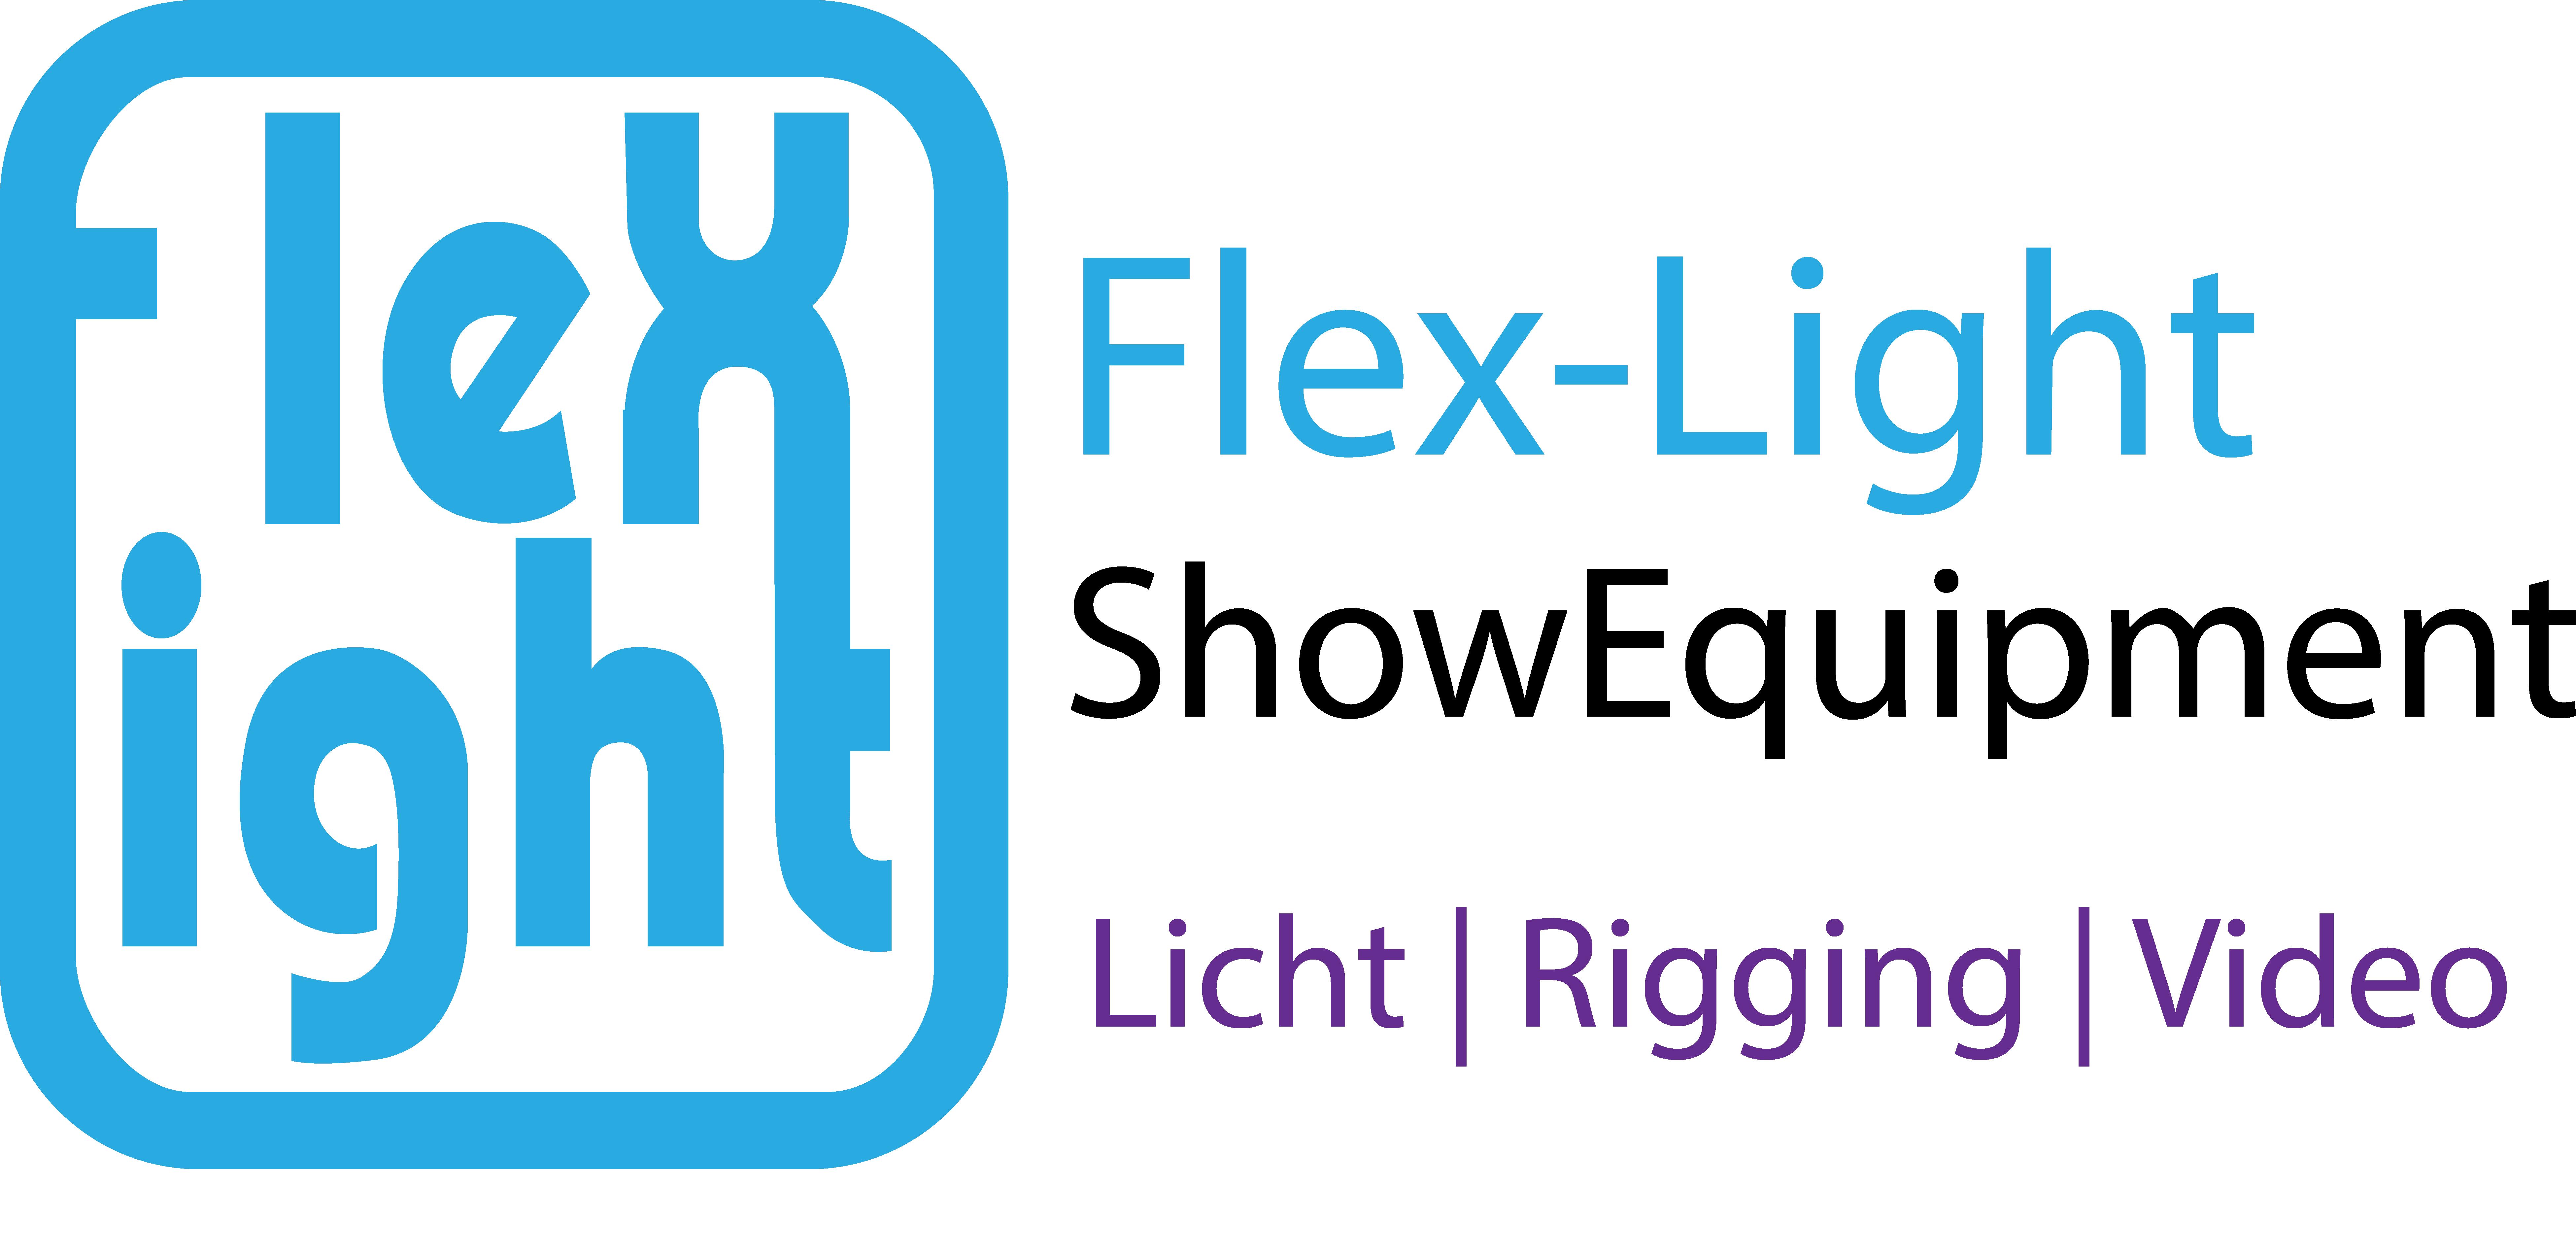 Flex-Light ShowEquipment